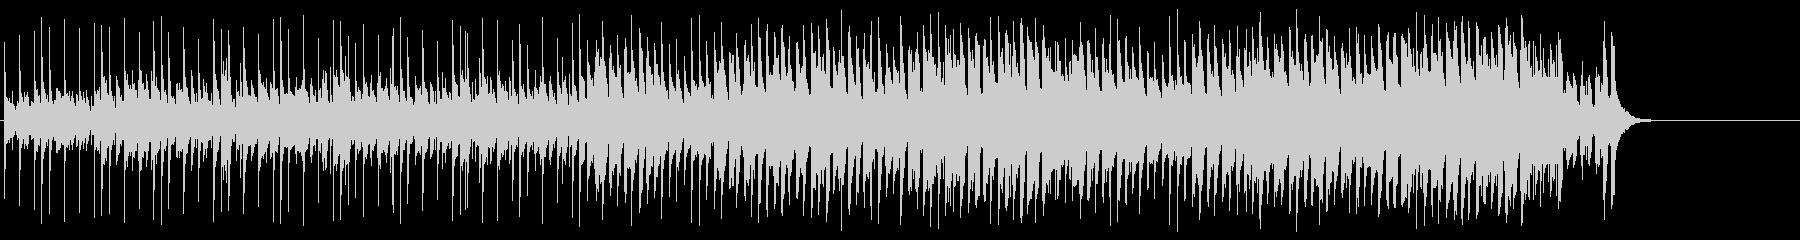 おどけた軽快なポップ(A~サビ~エンド)の未再生の波形